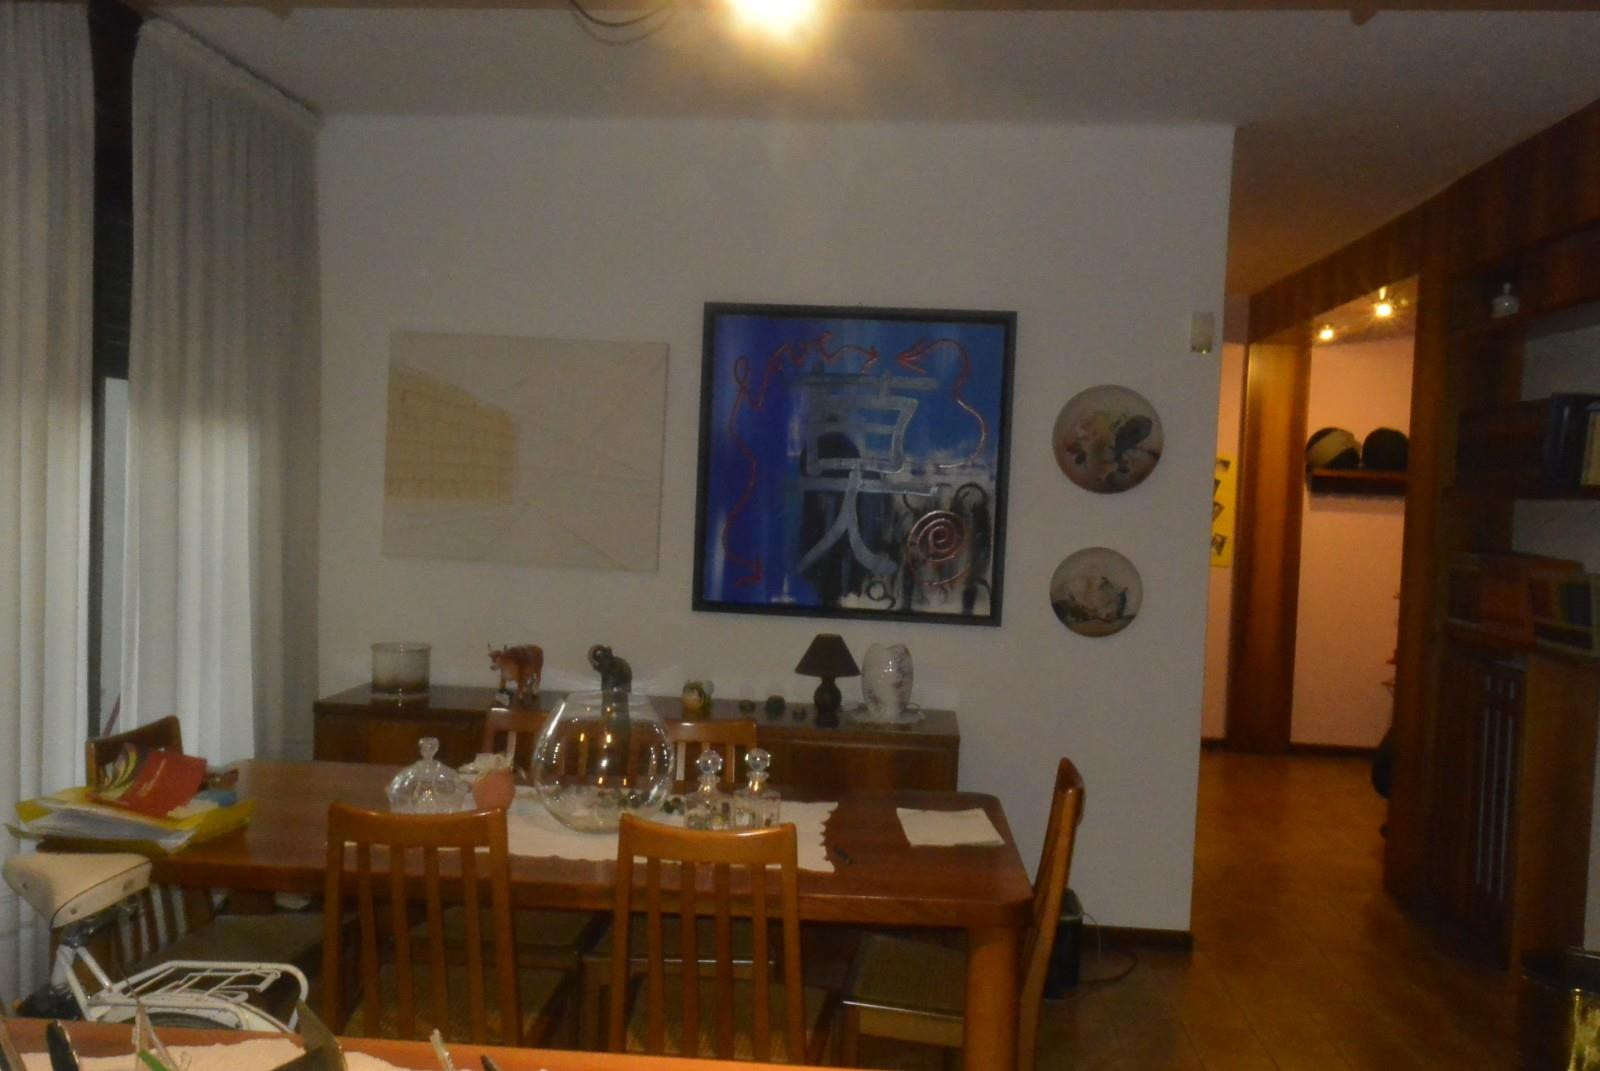 Foto 7 - Appartamento in Vendita - Meda (Monza e Brianza)